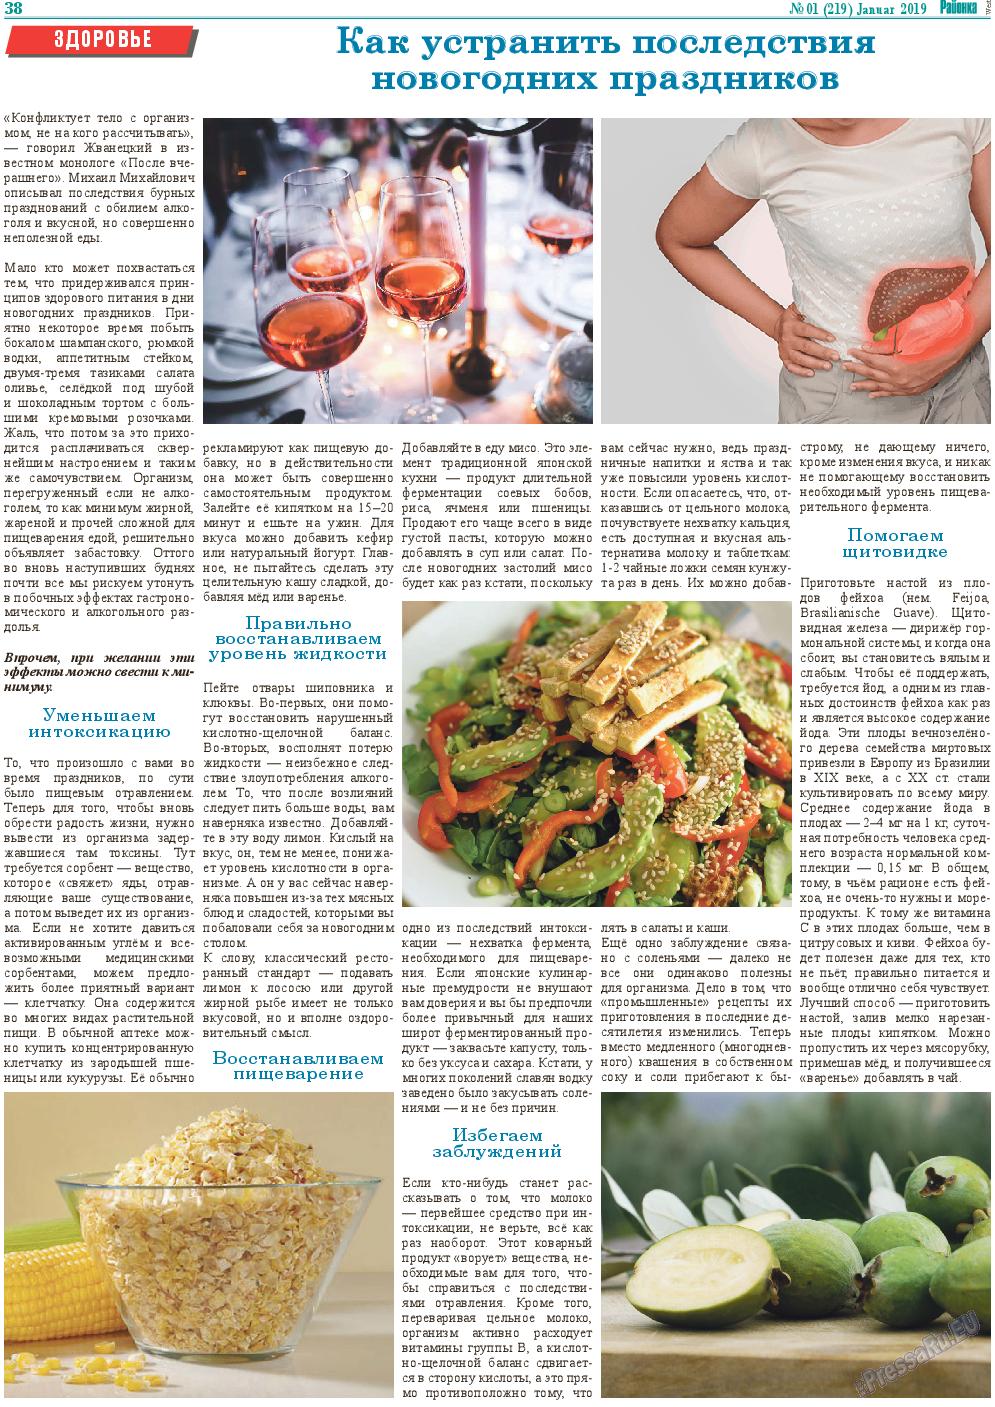 Районка-West (газета). 2019 год, номер 1, стр. 38